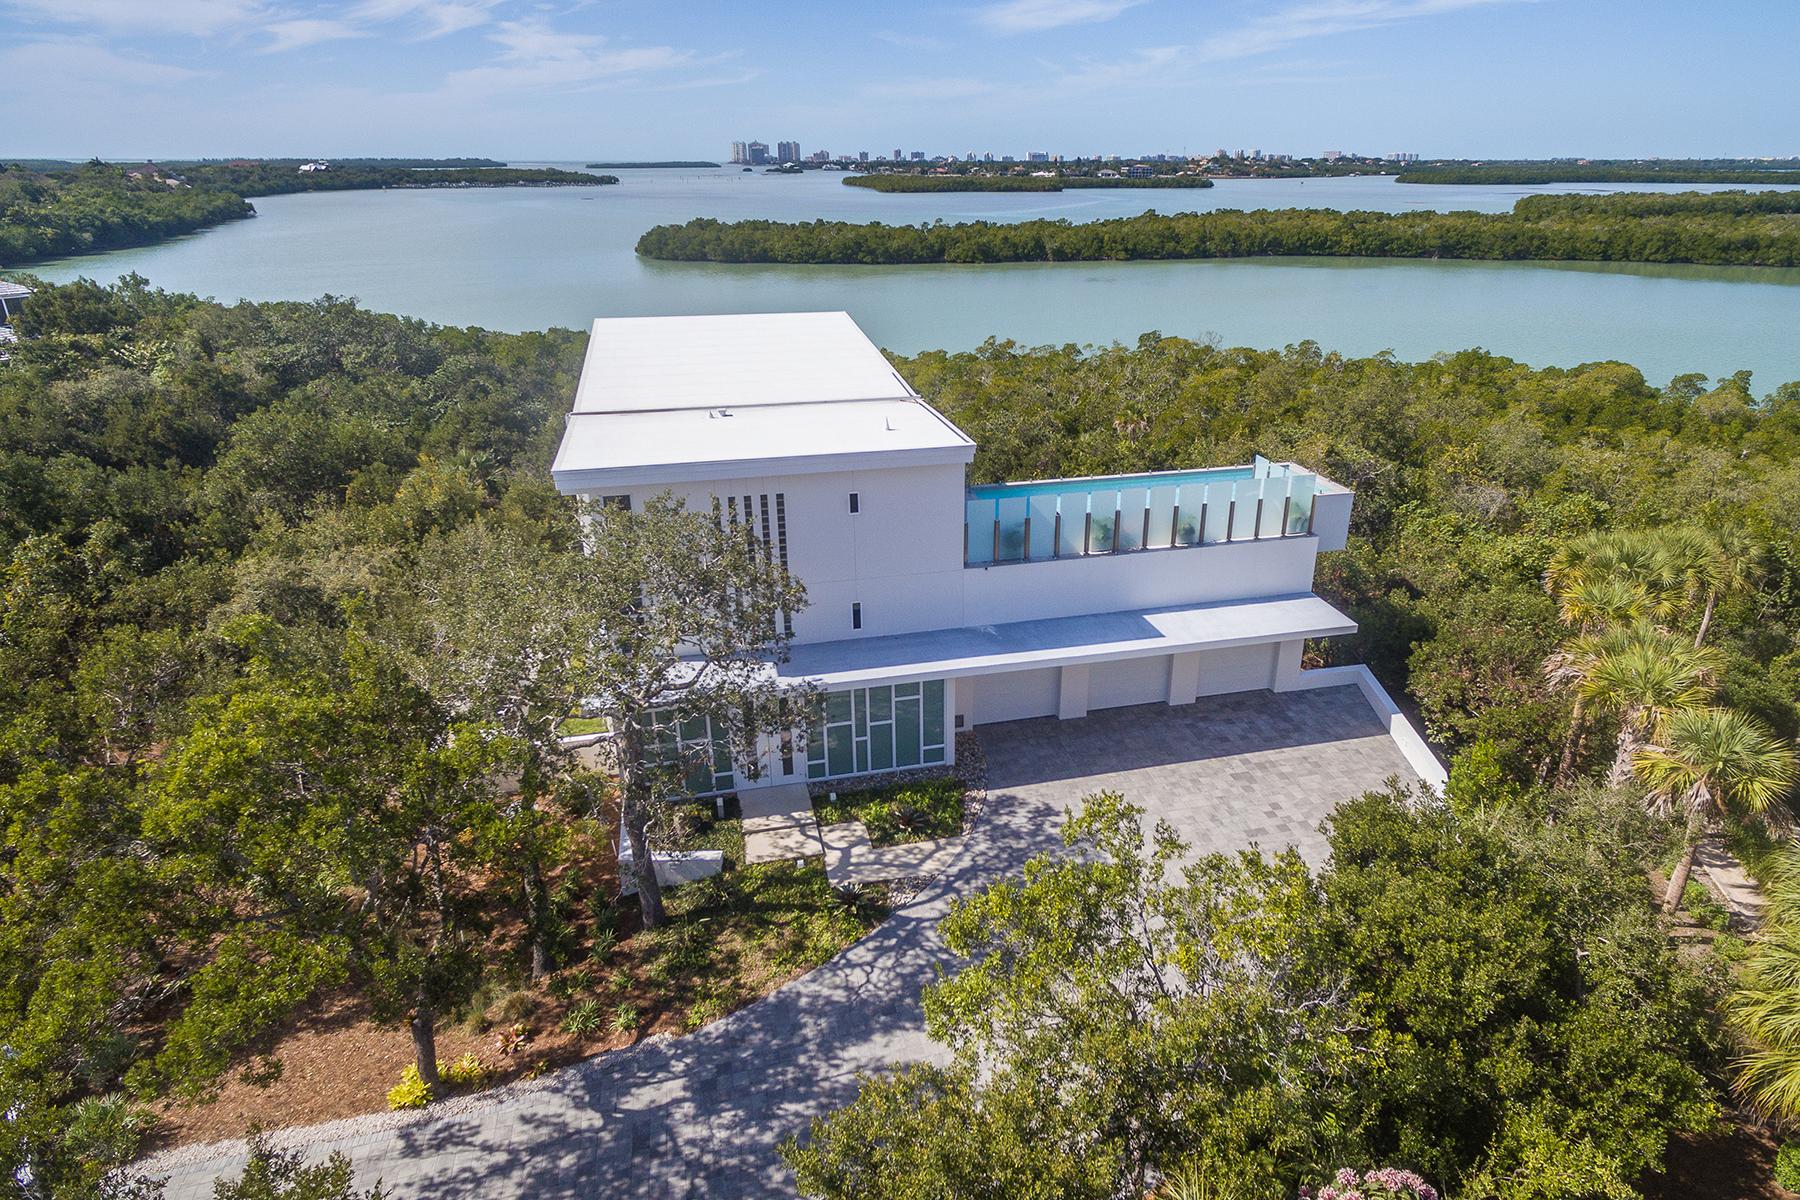 Частный односемейный дом для того Продажа на KEY MARCO 1143 Blue Hill Creek Dr Marco Island, Флорида, 34145 Соединенные Штаты